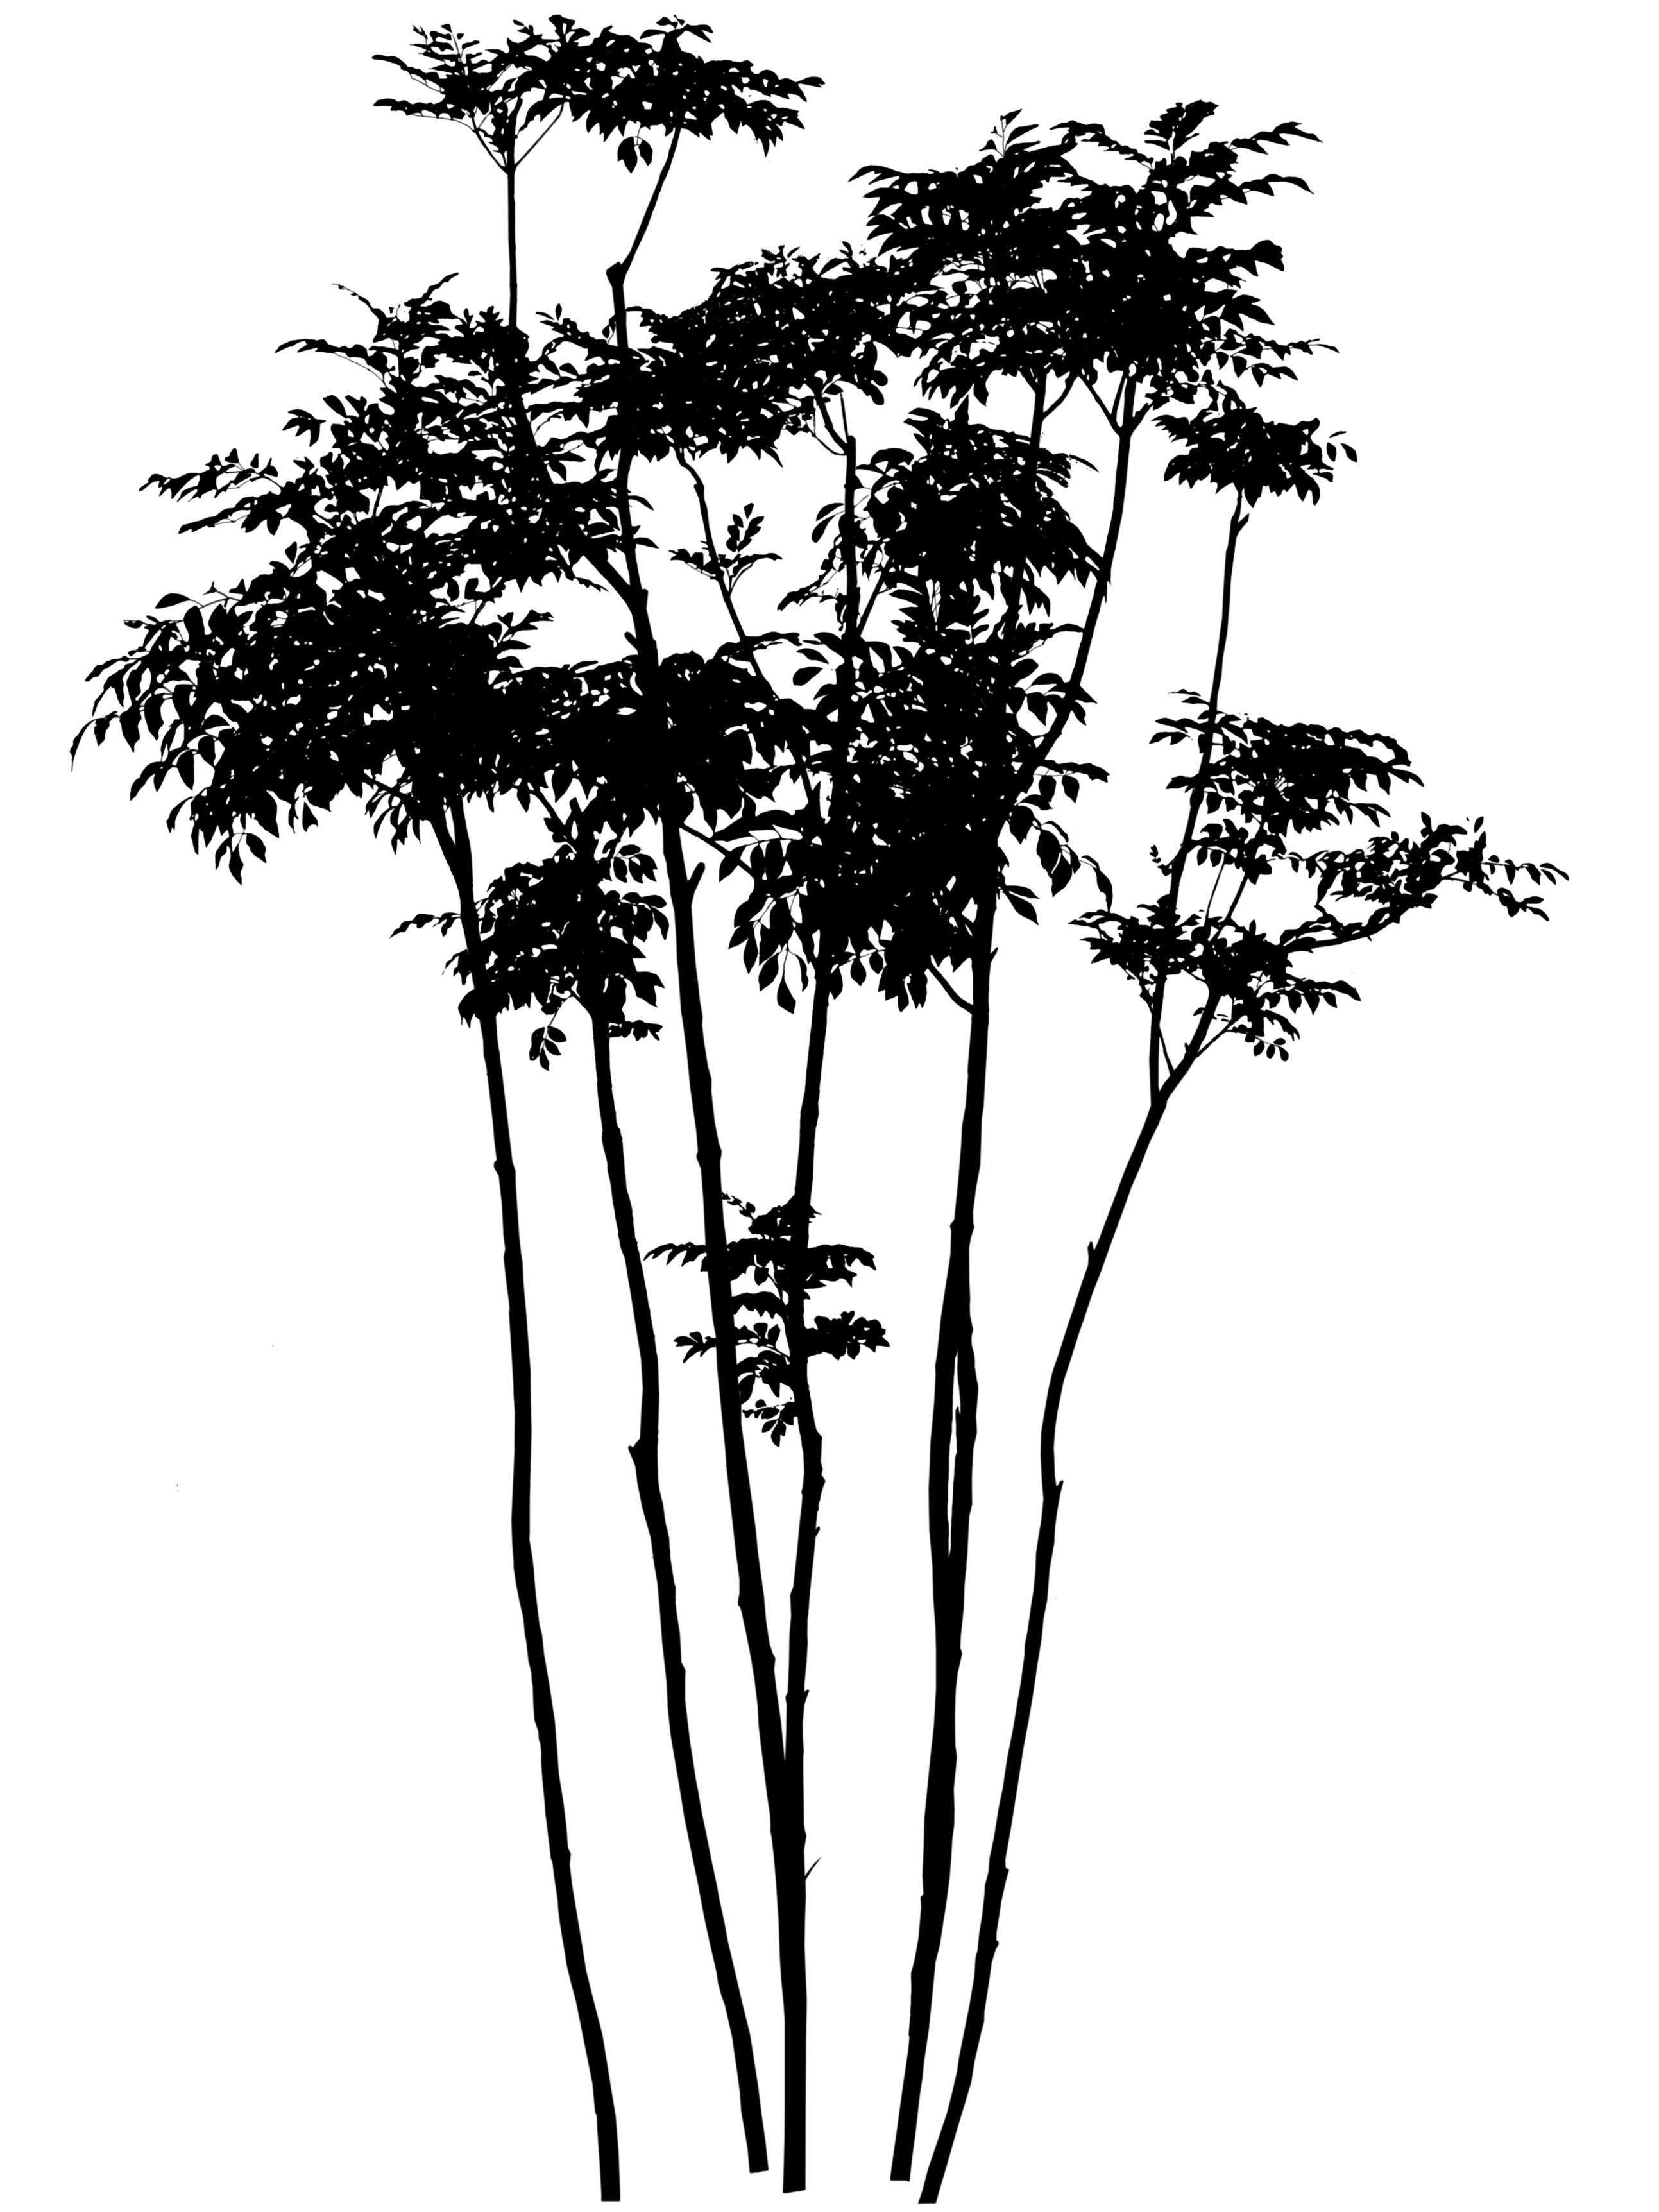 シマトネリコの単幹と株立ち庭に植えるならどちら